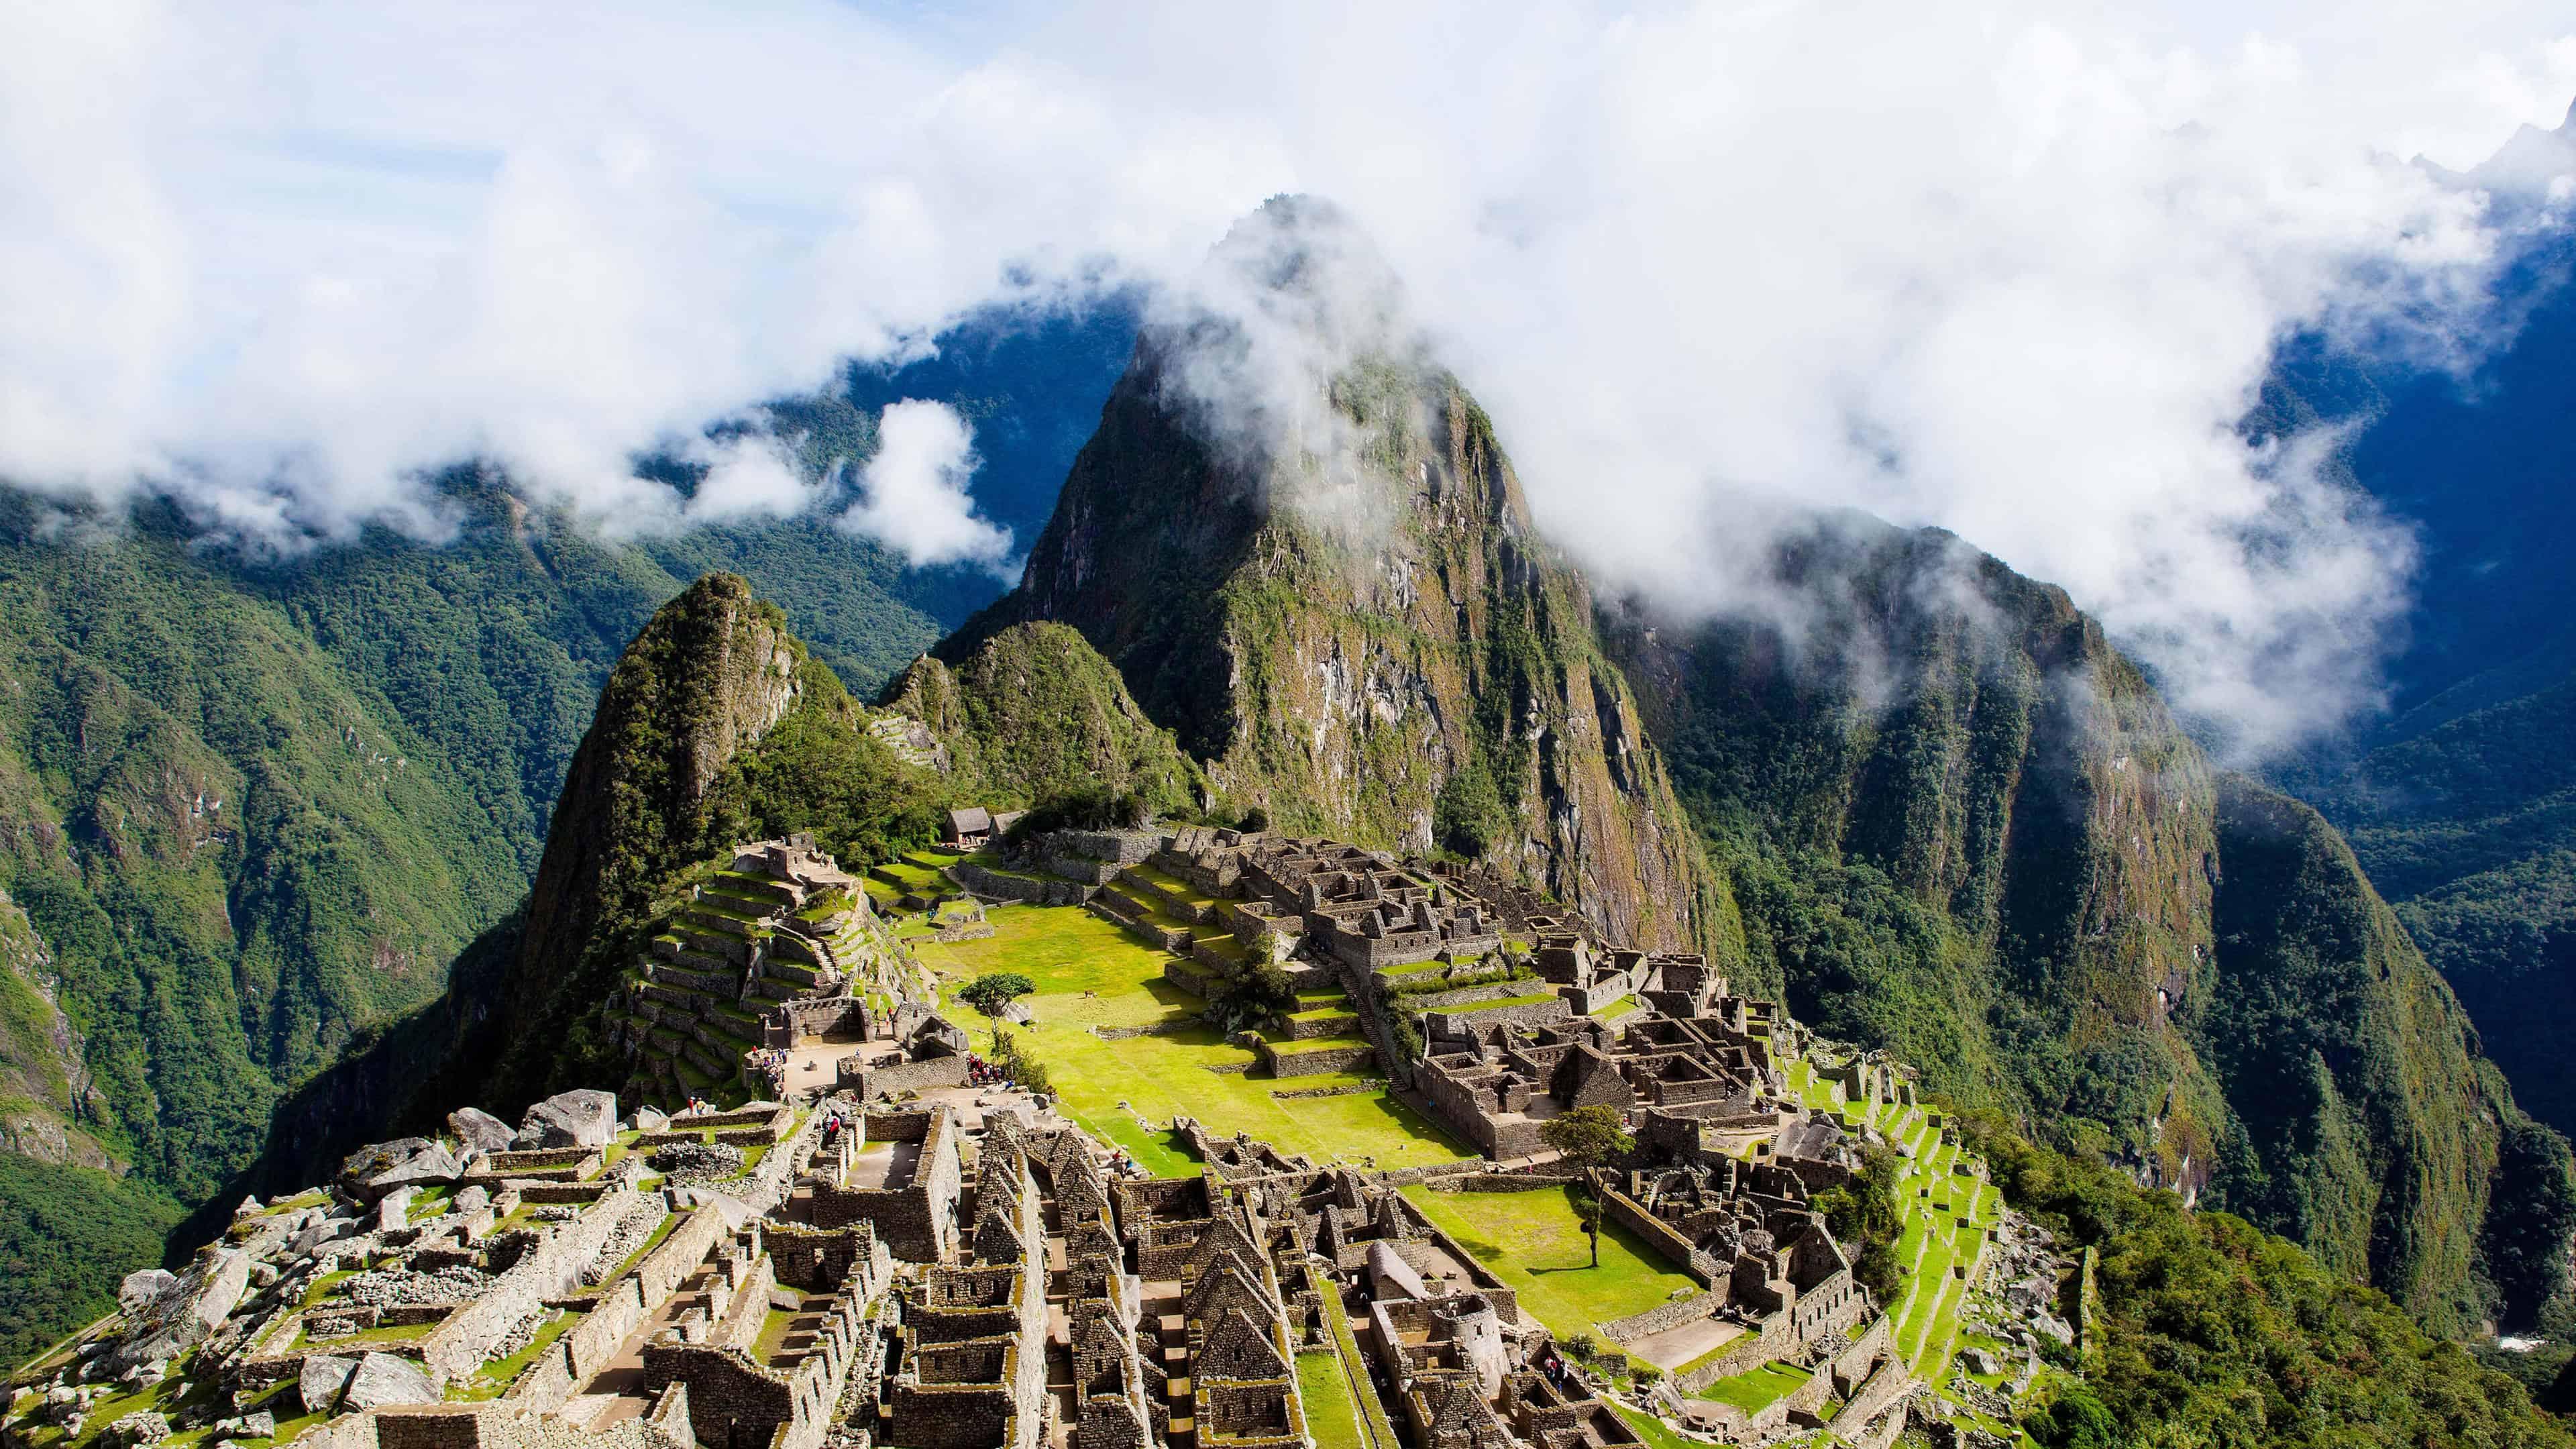 Machu Picchu With Clouds Peru Uhd 4k Wallpaper